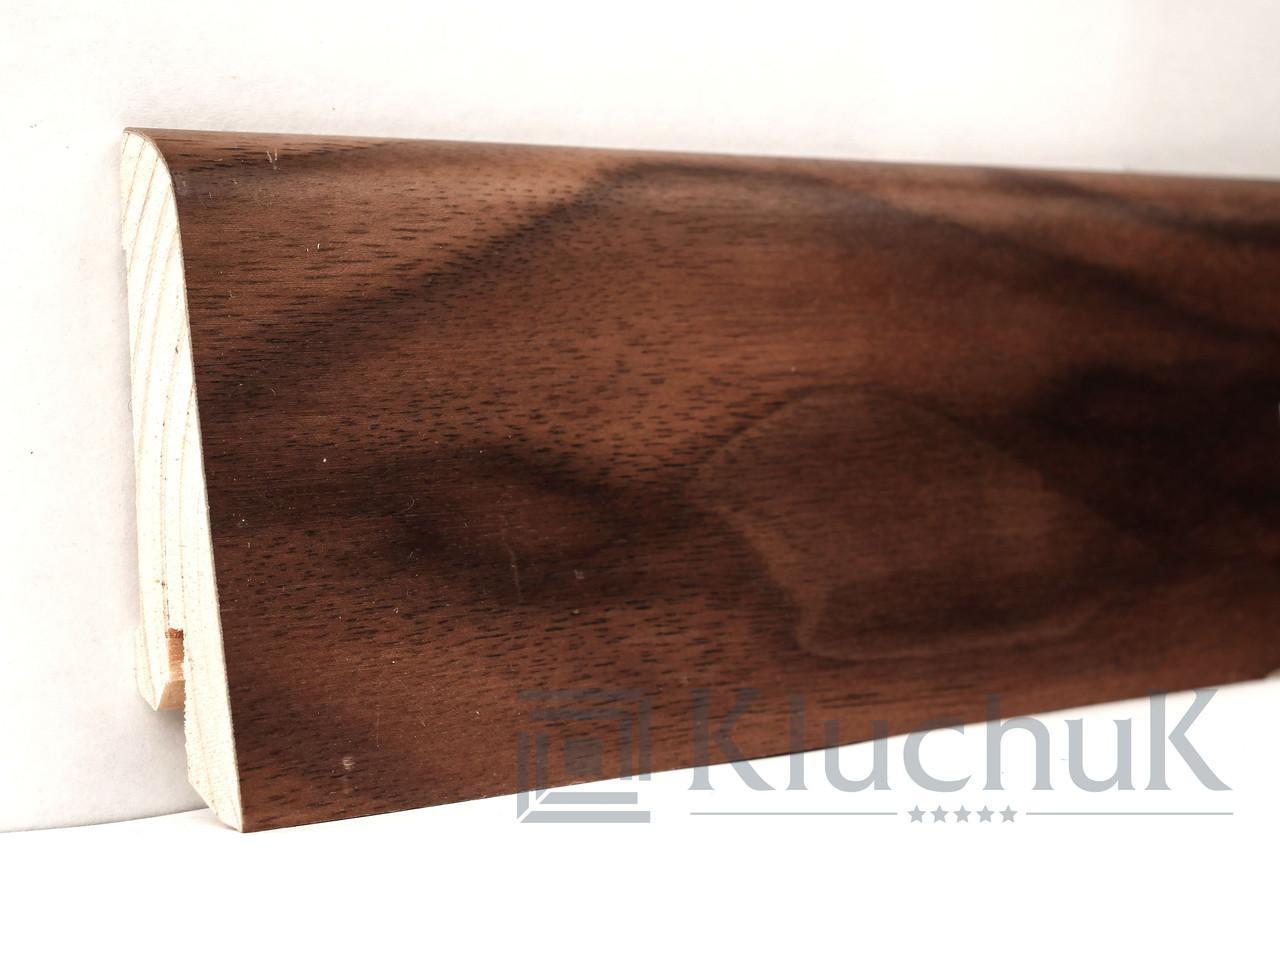 Плинтус Kluchuk Евро KLE60-06 Орех Американский 60мм